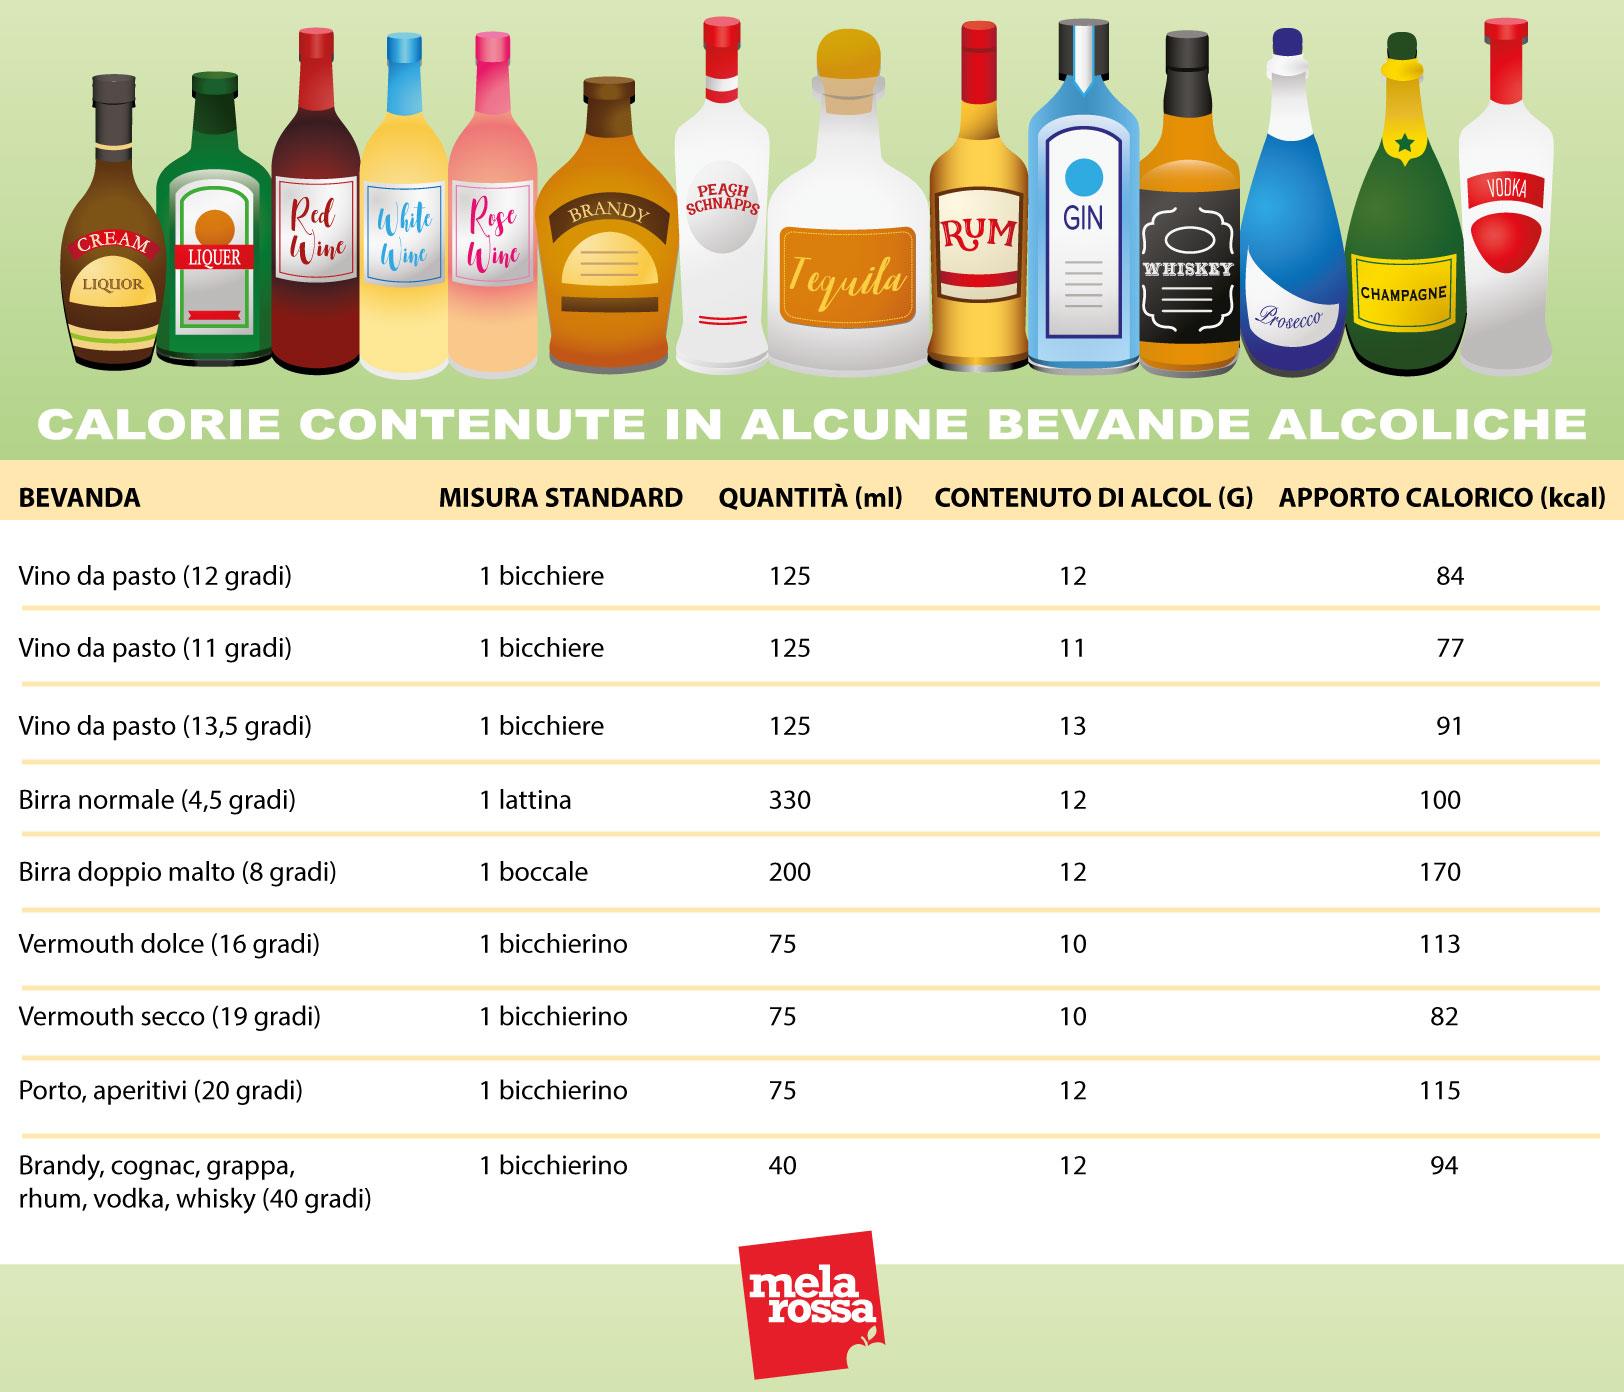 dieta e vino: tabella calorie di alcune bevande